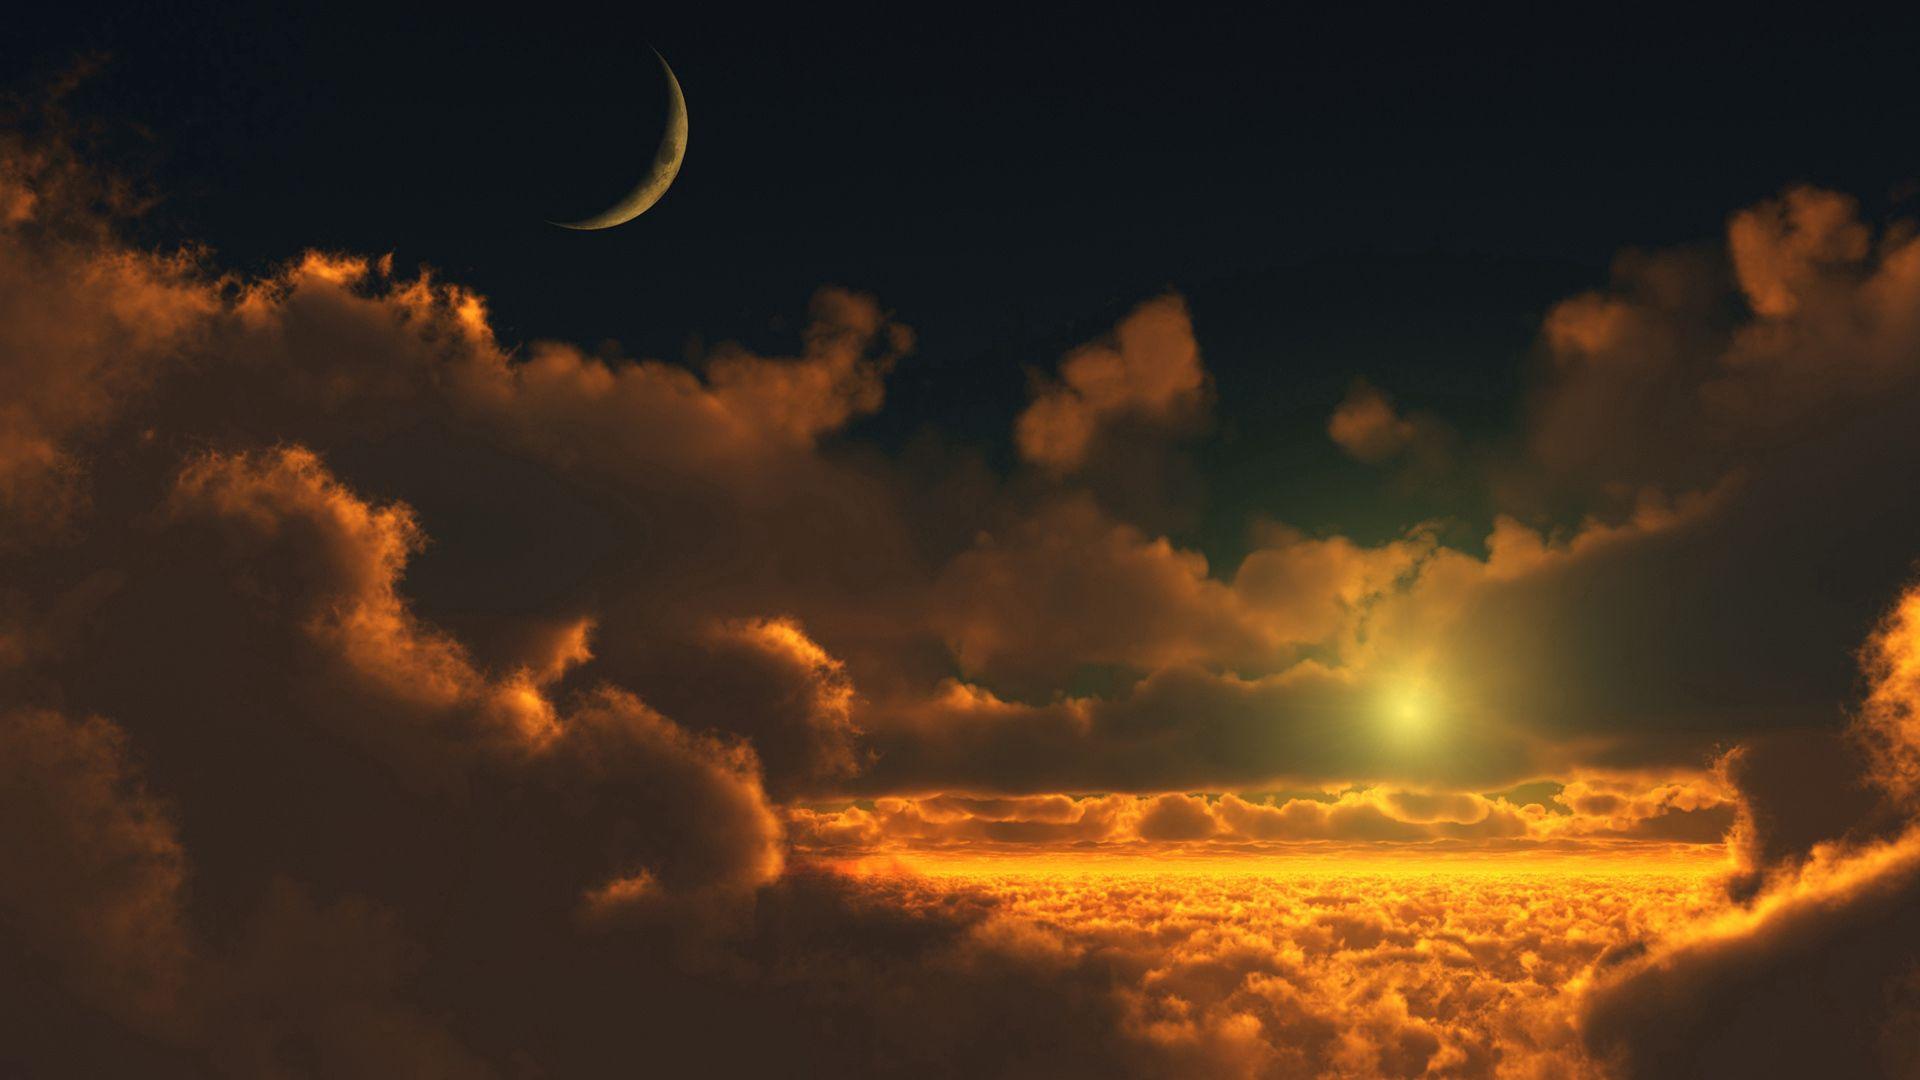 137377 descargar fondo de pantalla Naturaleza, Cielo, Nubes, Altura, Luna, Resplandor, Resplandecer: protectores de pantalla e imágenes gratis